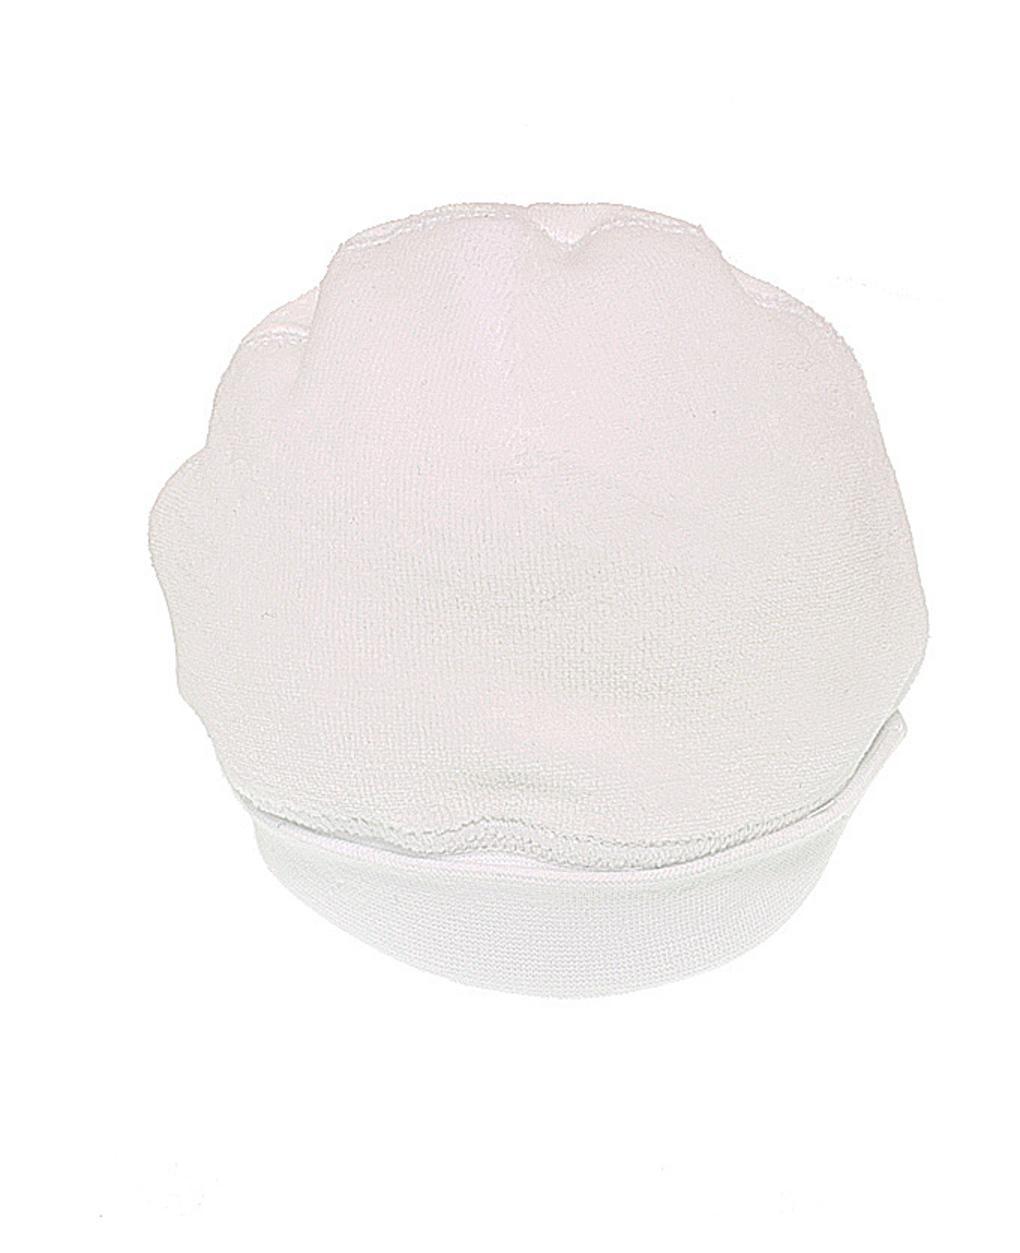 Boné de chenille branco - Prénatal